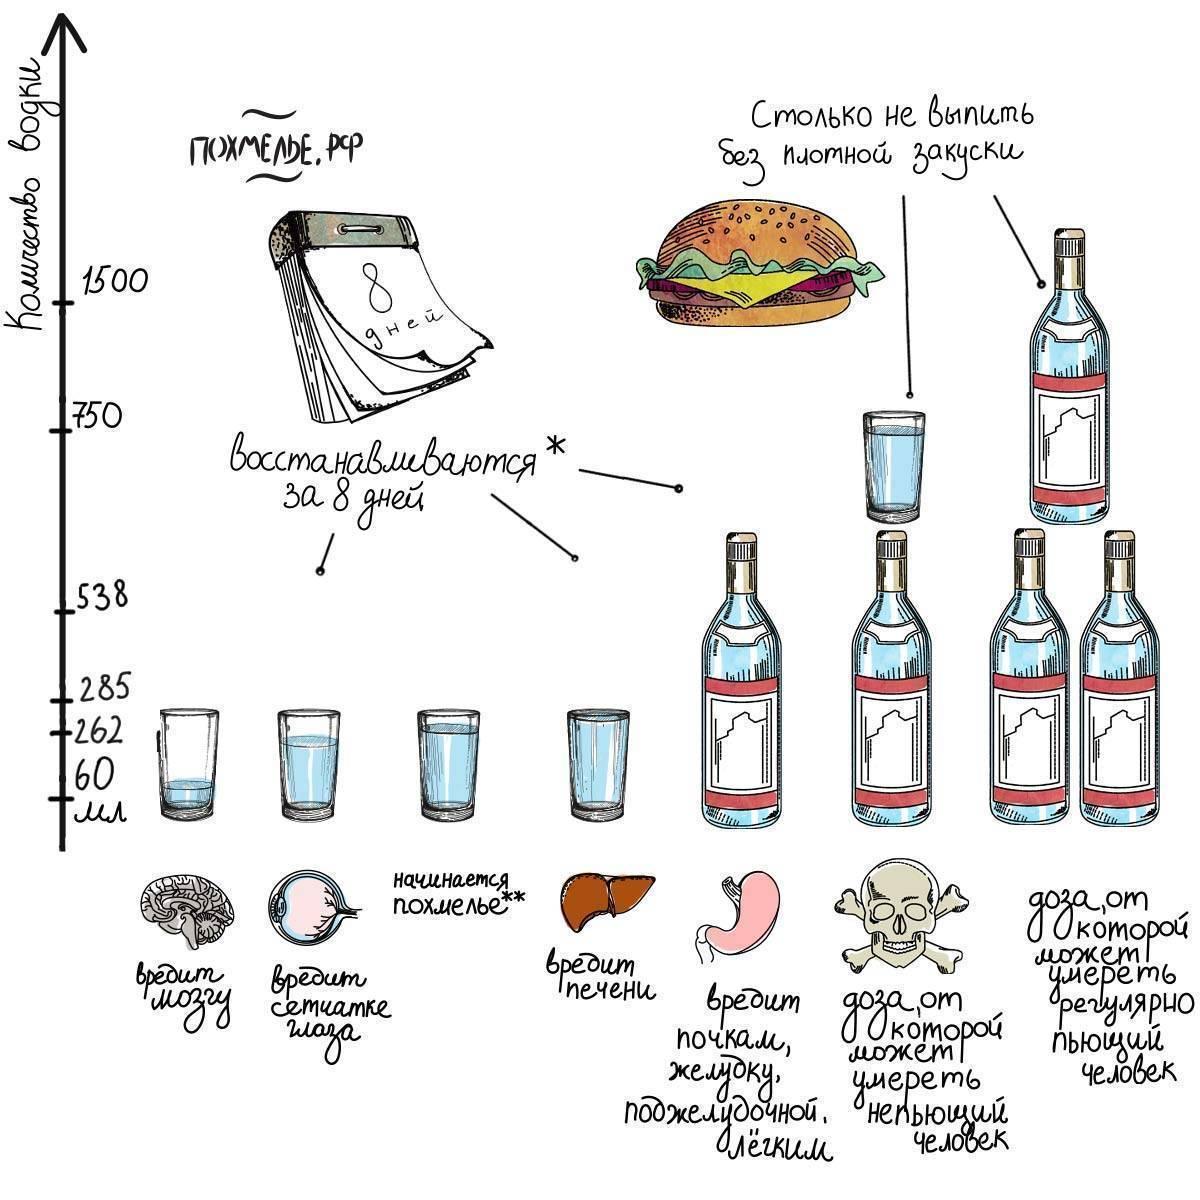 Сколько можно выпить водки без вреда для здоровья: безопасная доза для мужчин и женщин